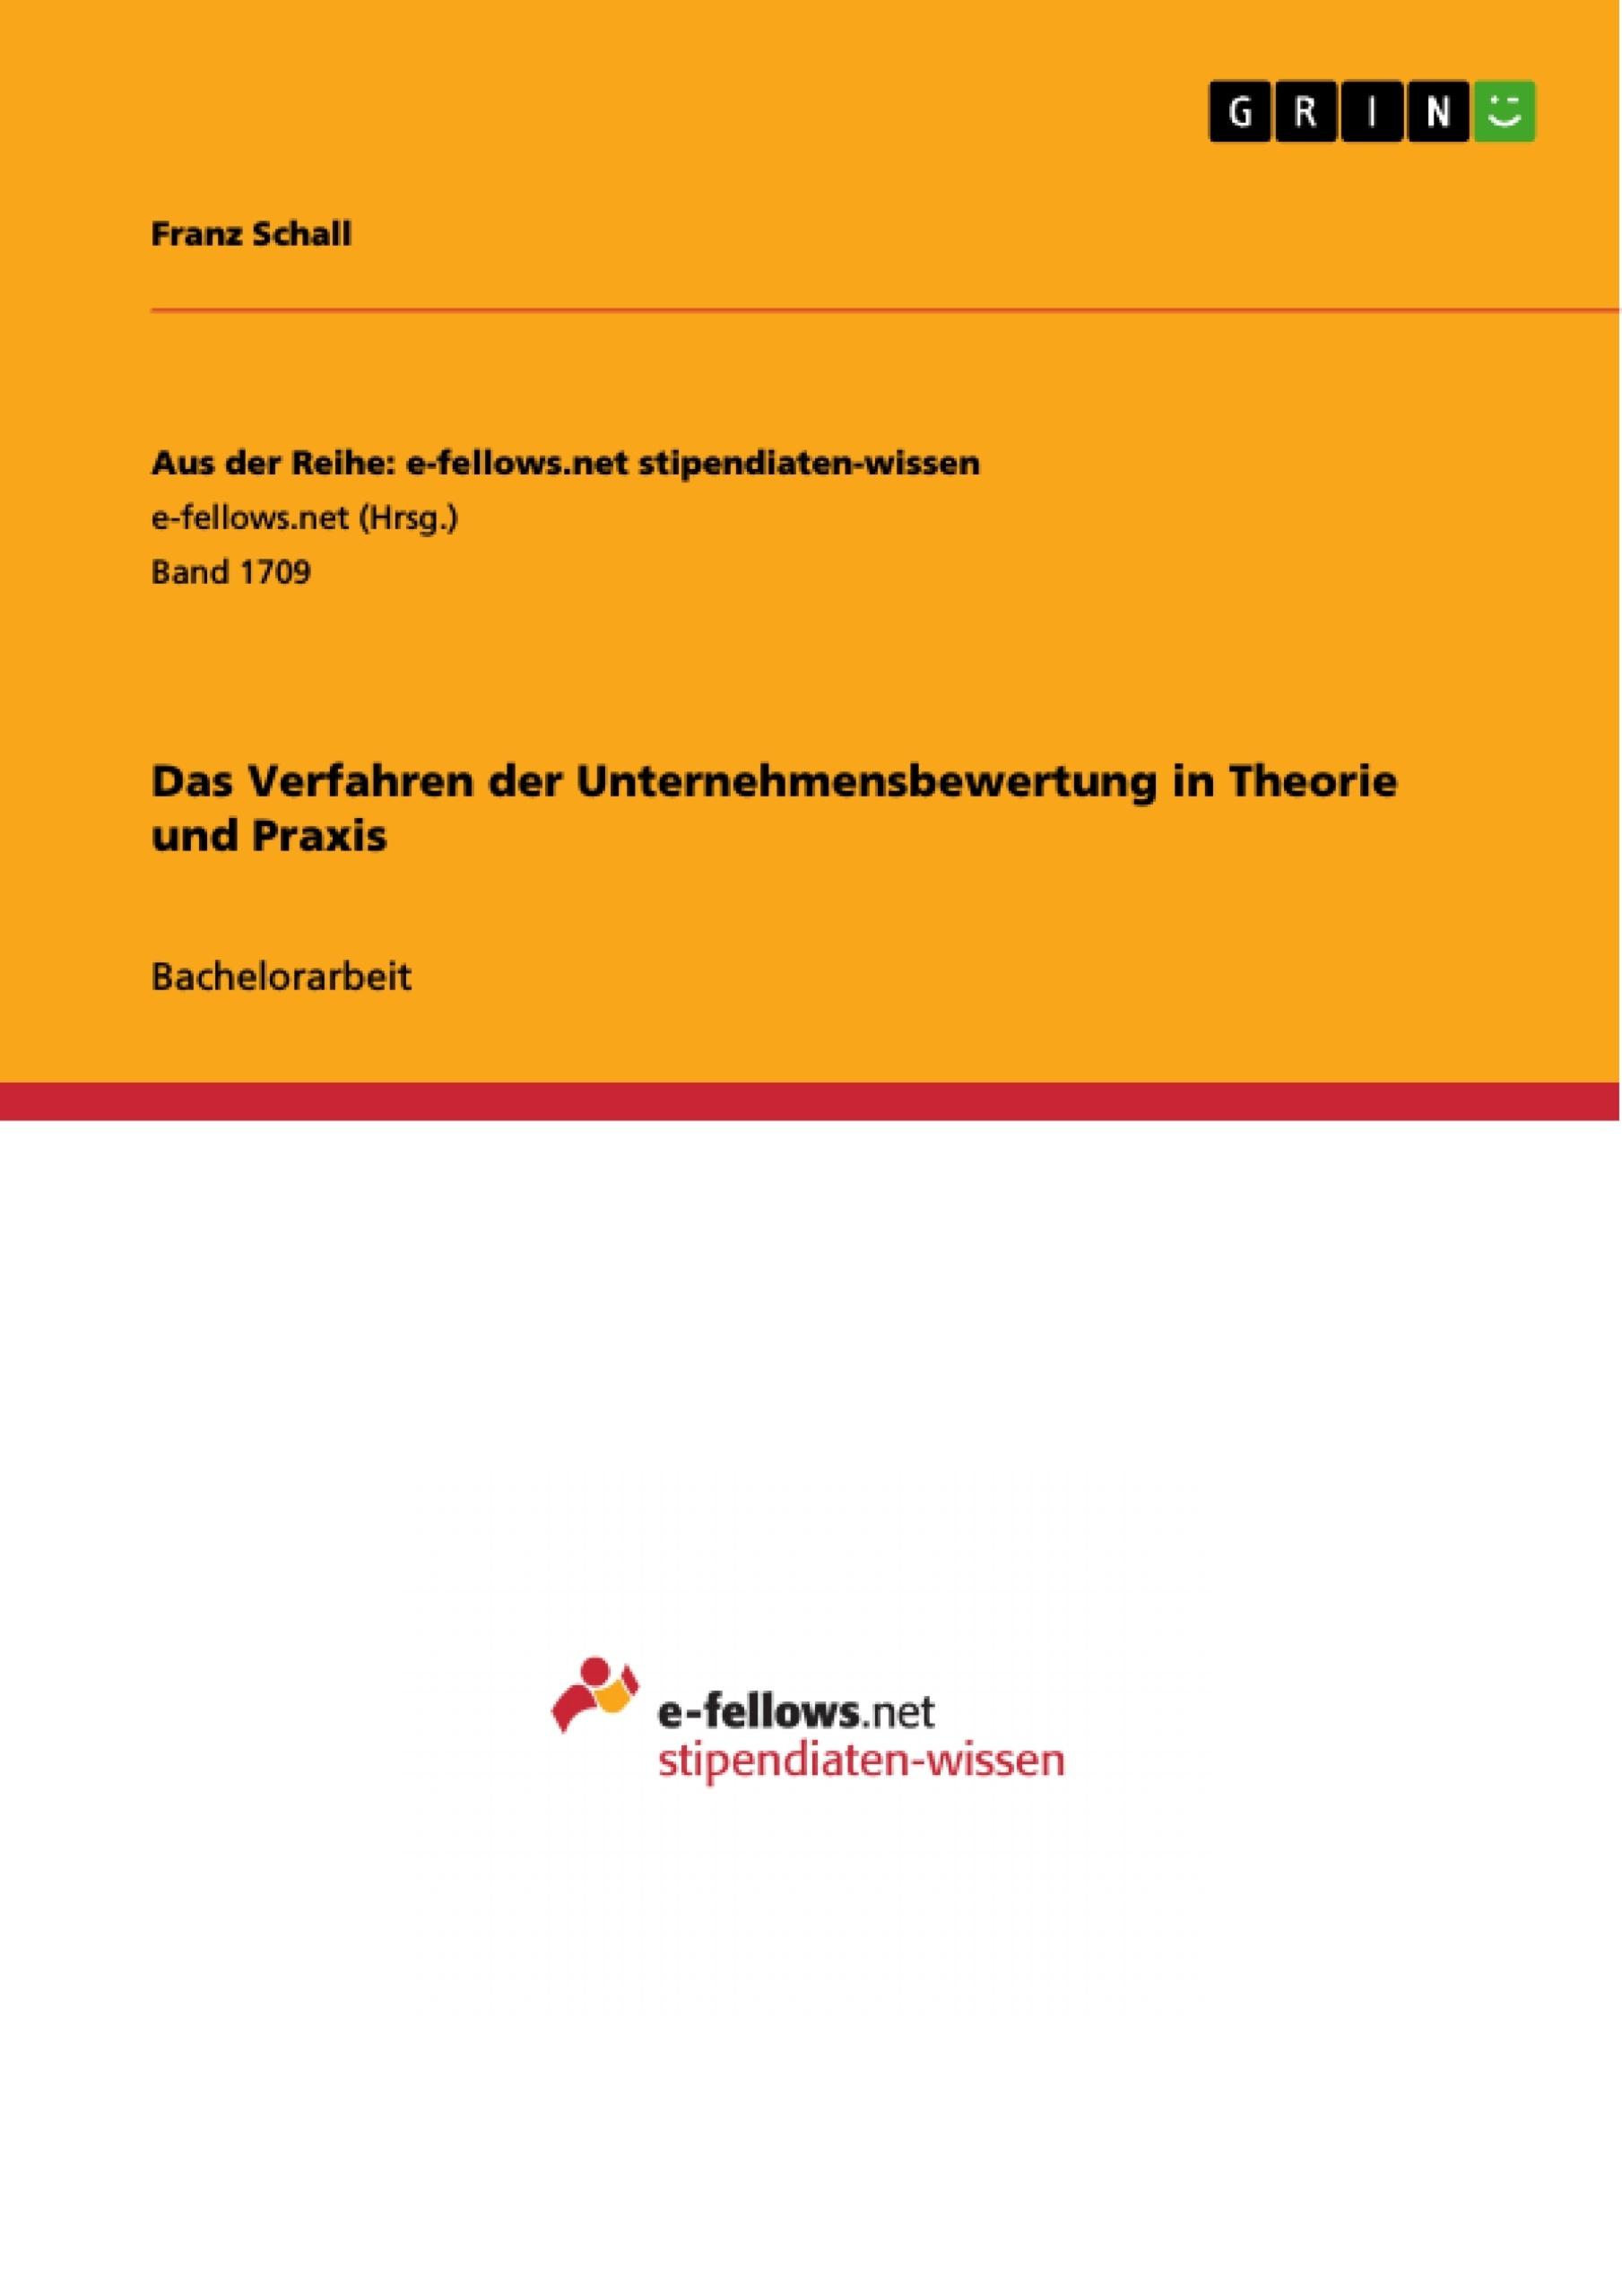 Das Verfahren Der Unternehmensbewertung In Theorie Und Praxis